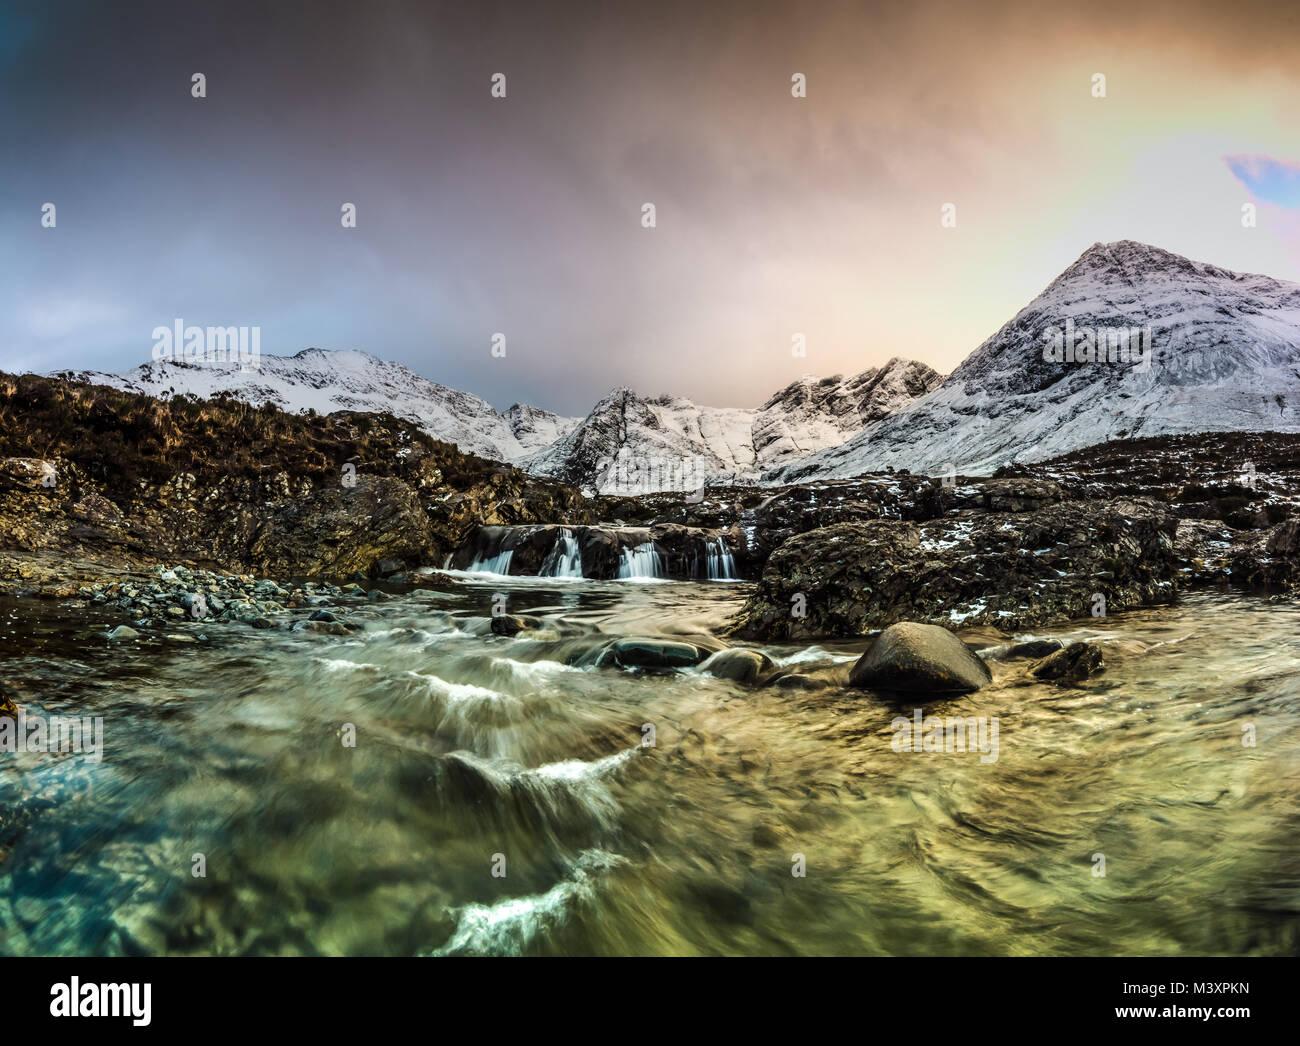 El cuento de las piscinas en Invierno - Isla de Skye, Escocia Foto de stock